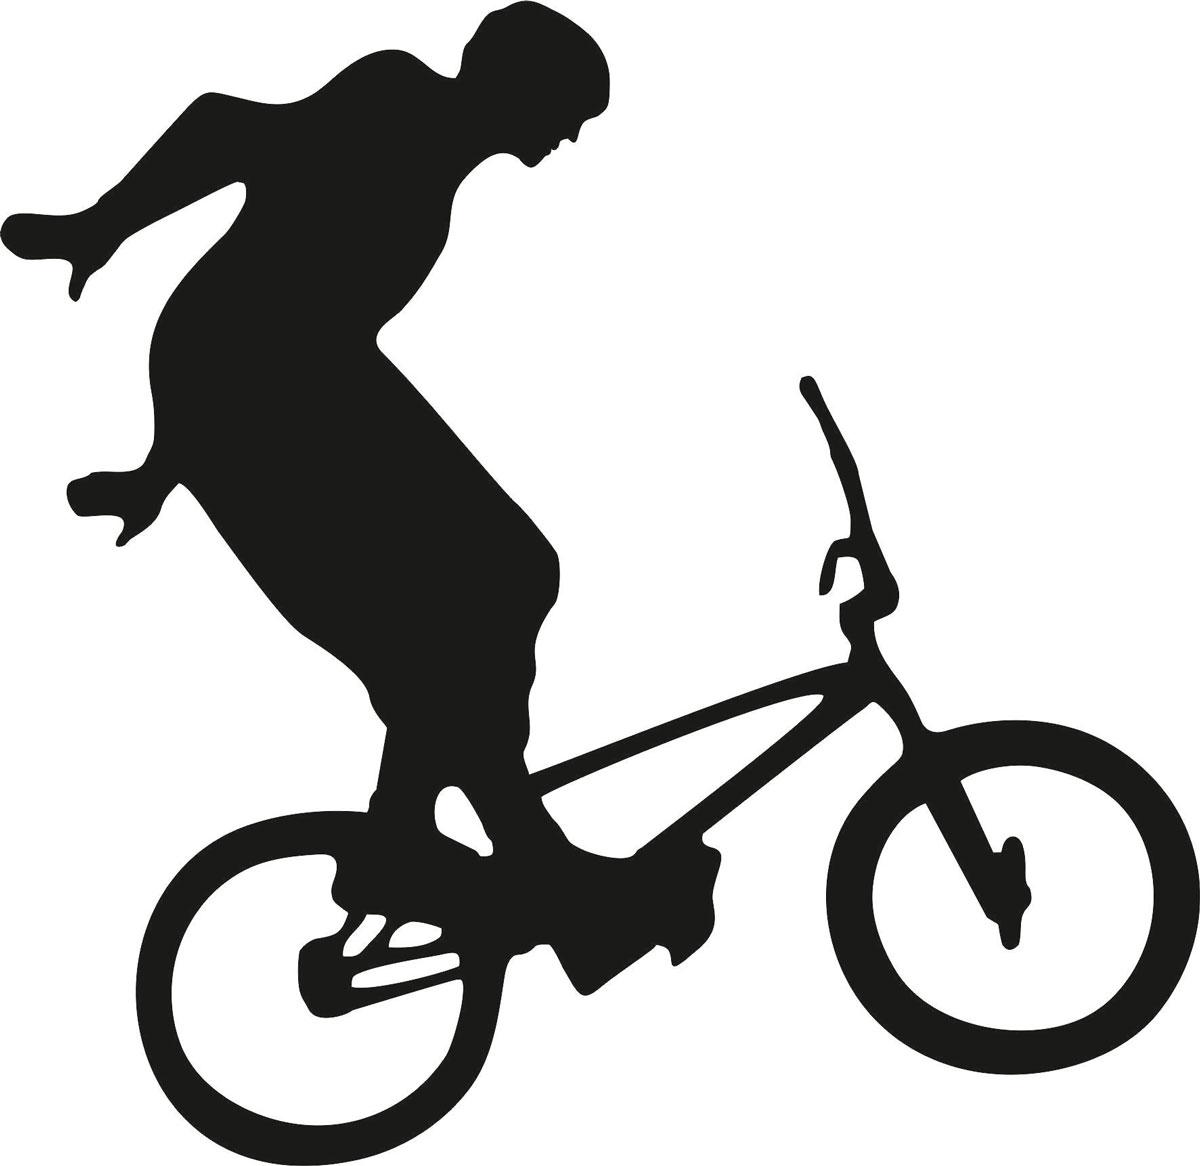 Наклейка автомобильная Оранжевый слоник Велосипедист 3, виниловая, цвет: черныйВетерок 2ГФОригинальная наклейка Оранжевый слоник Велосипедист 3 изготовлена из высококачественной виниловой пленки, которая выполняет не только декоративную функцию, но и защищает кузов автомобиля от небольших механических повреждений, либо скрывает уже существующие.Виниловые наклейки на автомобиль - это не только красиво, но еще и быстро! Всего за несколько минут вы можете полностью преобразить свой автомобиль, сделать его ярким, необычным, особенным и неповторимым!